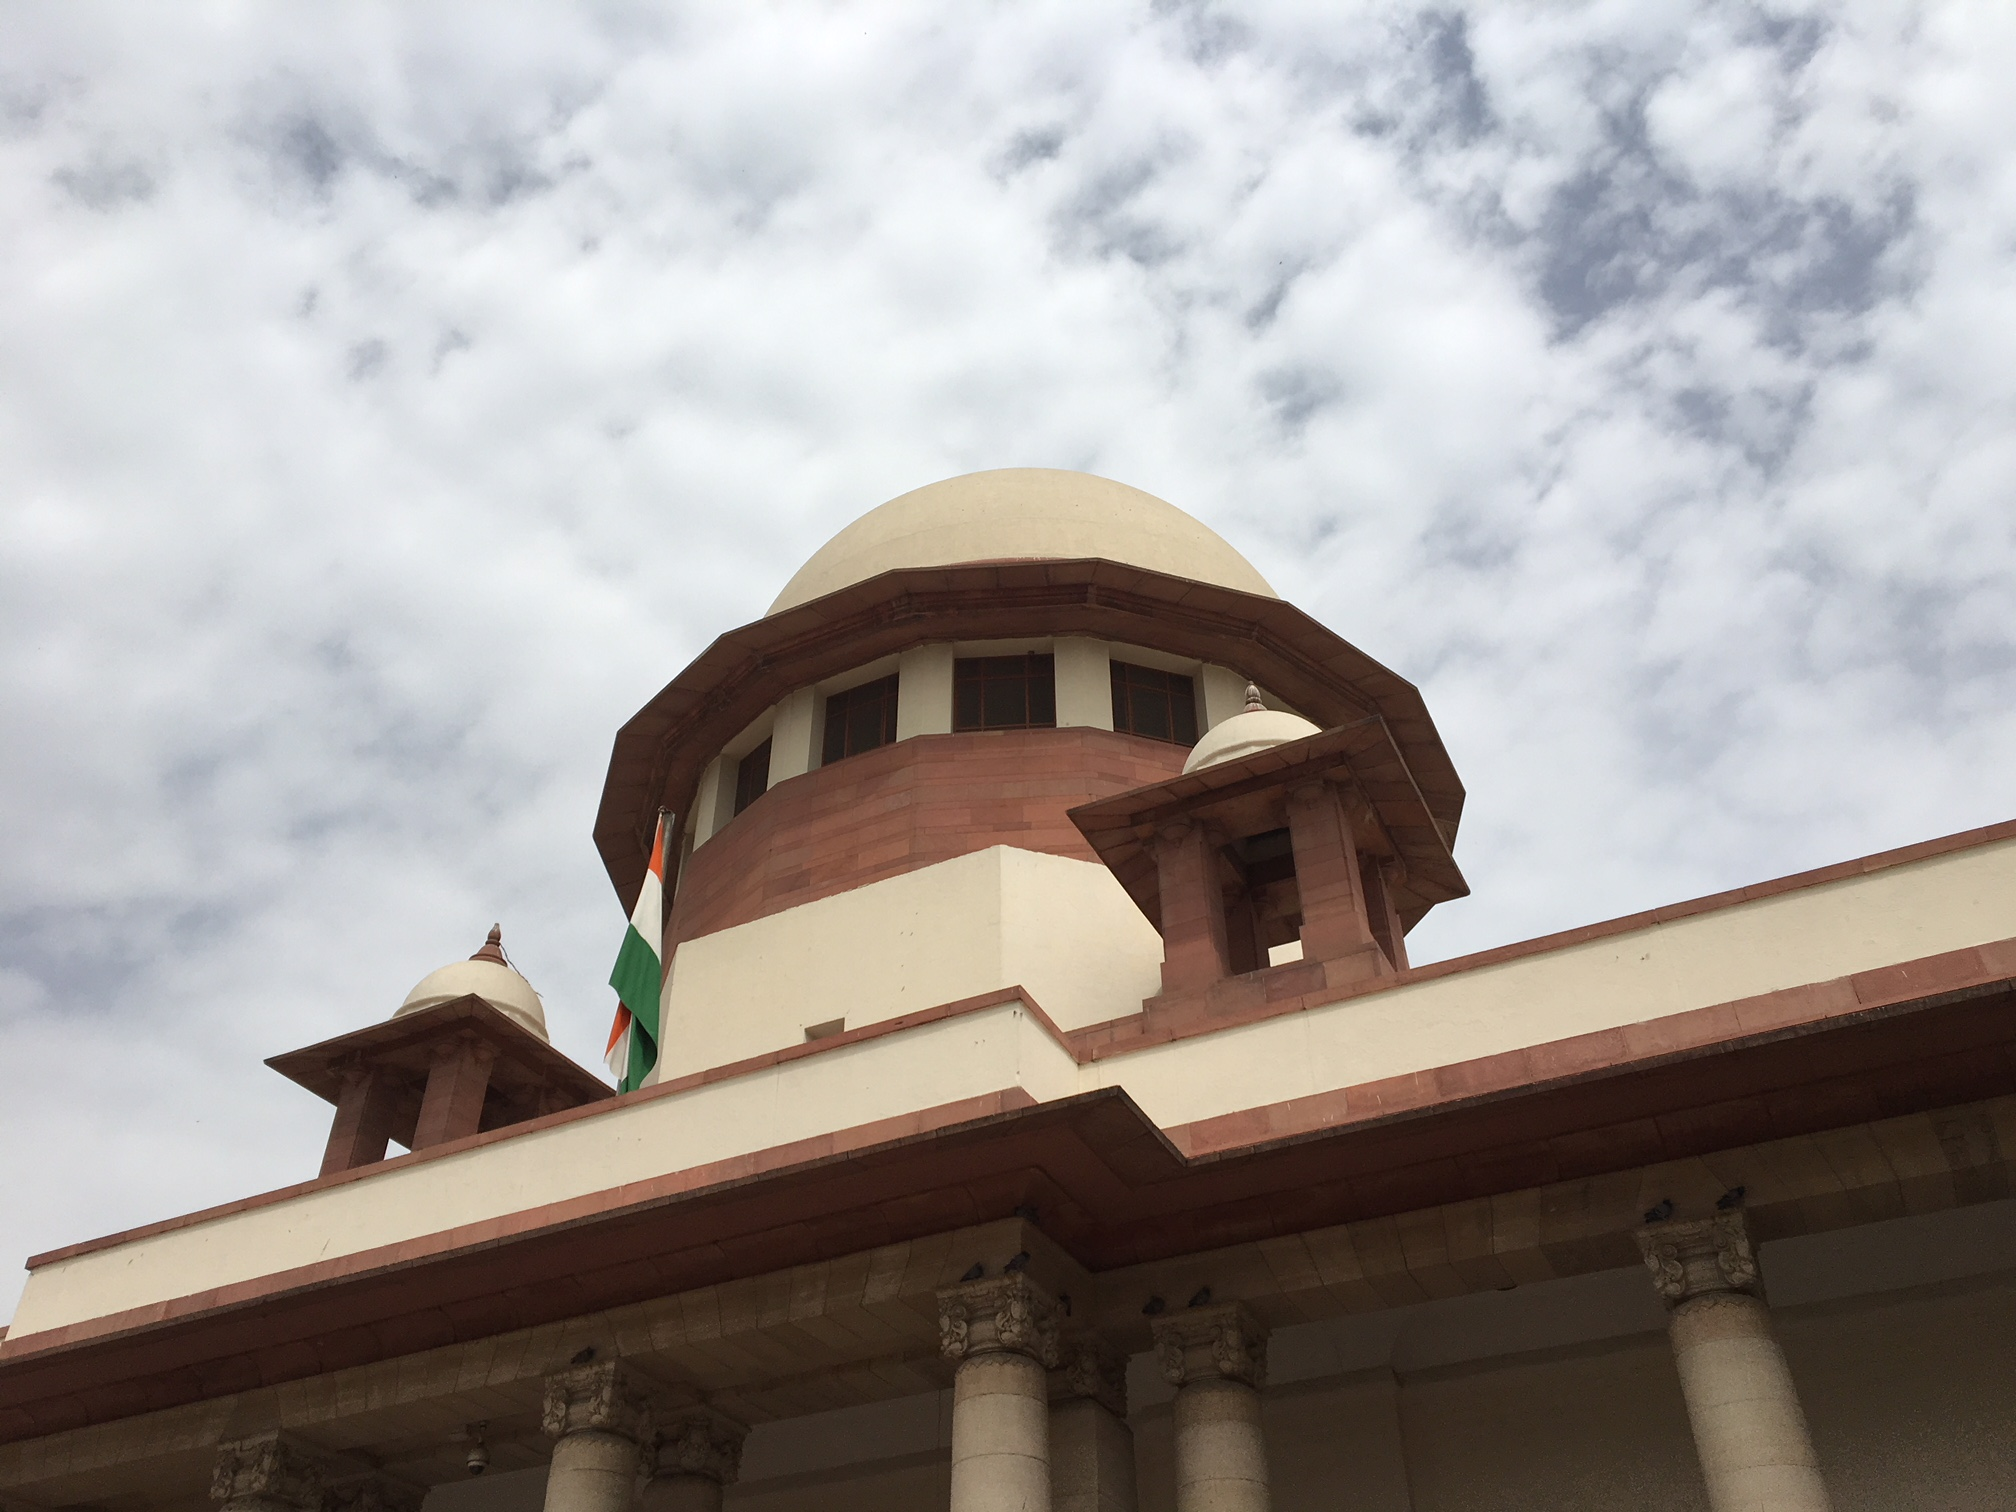 काश्मीरात 'फोर जी'साठी सर्वोच्च न्यायालयाचा नकार